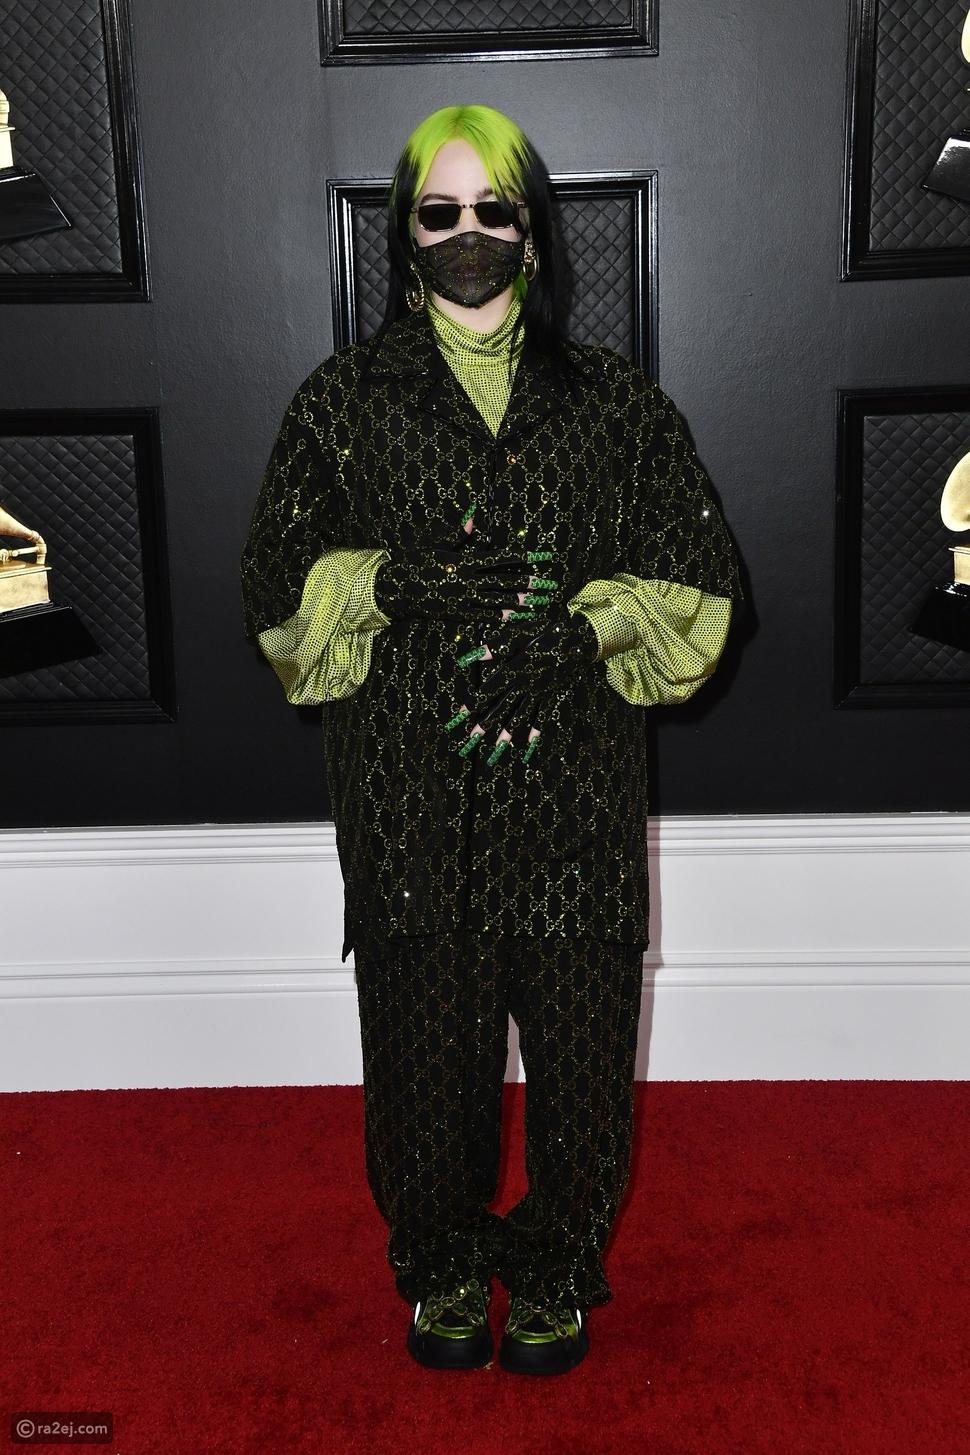 أغرب إطلالات النجوم في Grammys: هذا الفستان حول صاحبته لشخصية مرعبة